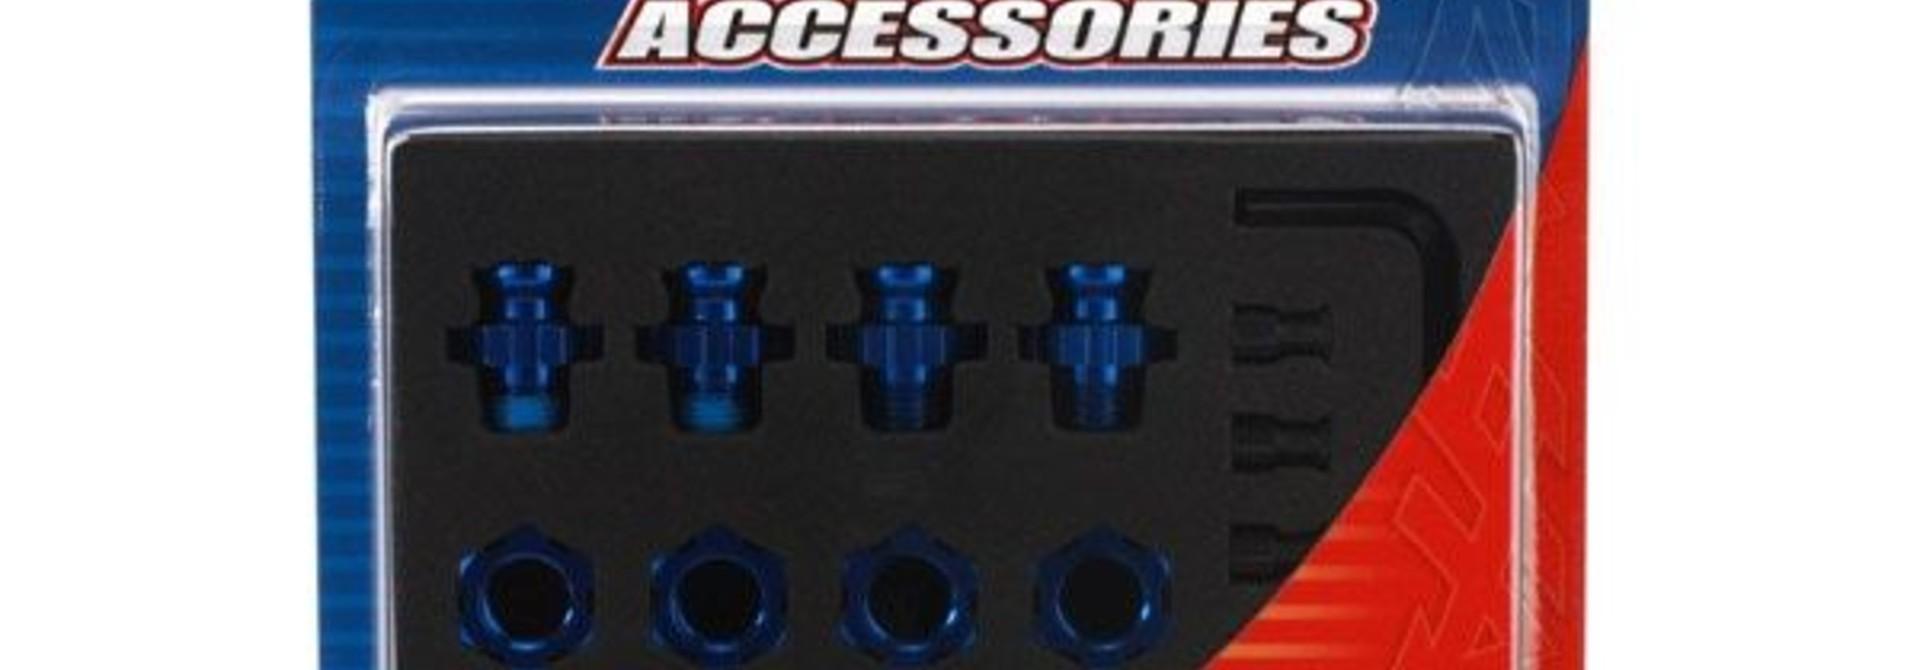 Anodised alu 17mm hex adaptors, TRX6856X